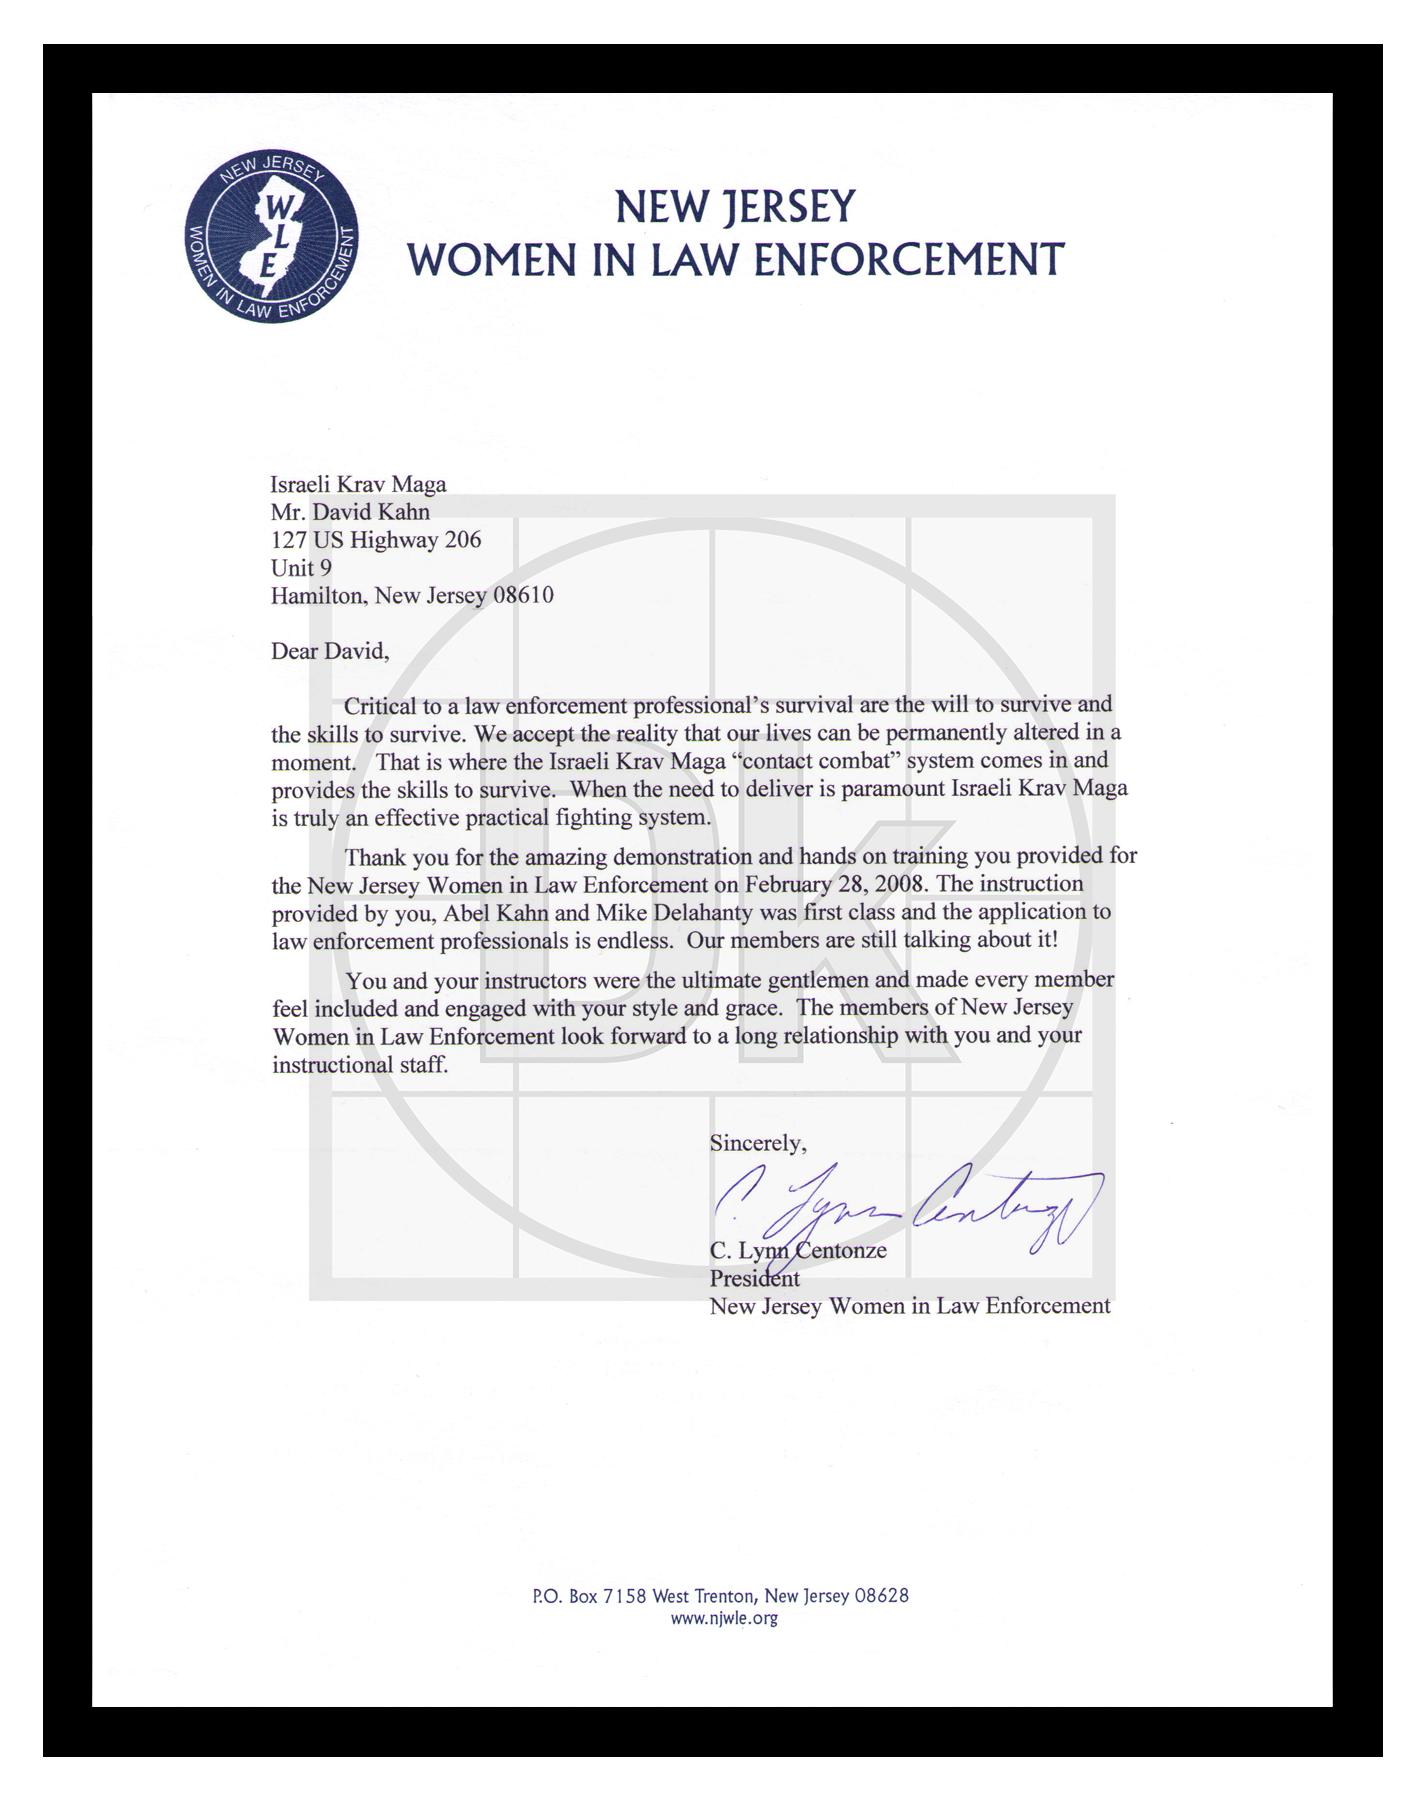 NEW JERSEY WOMEN IN LAW ENFORCEMENT